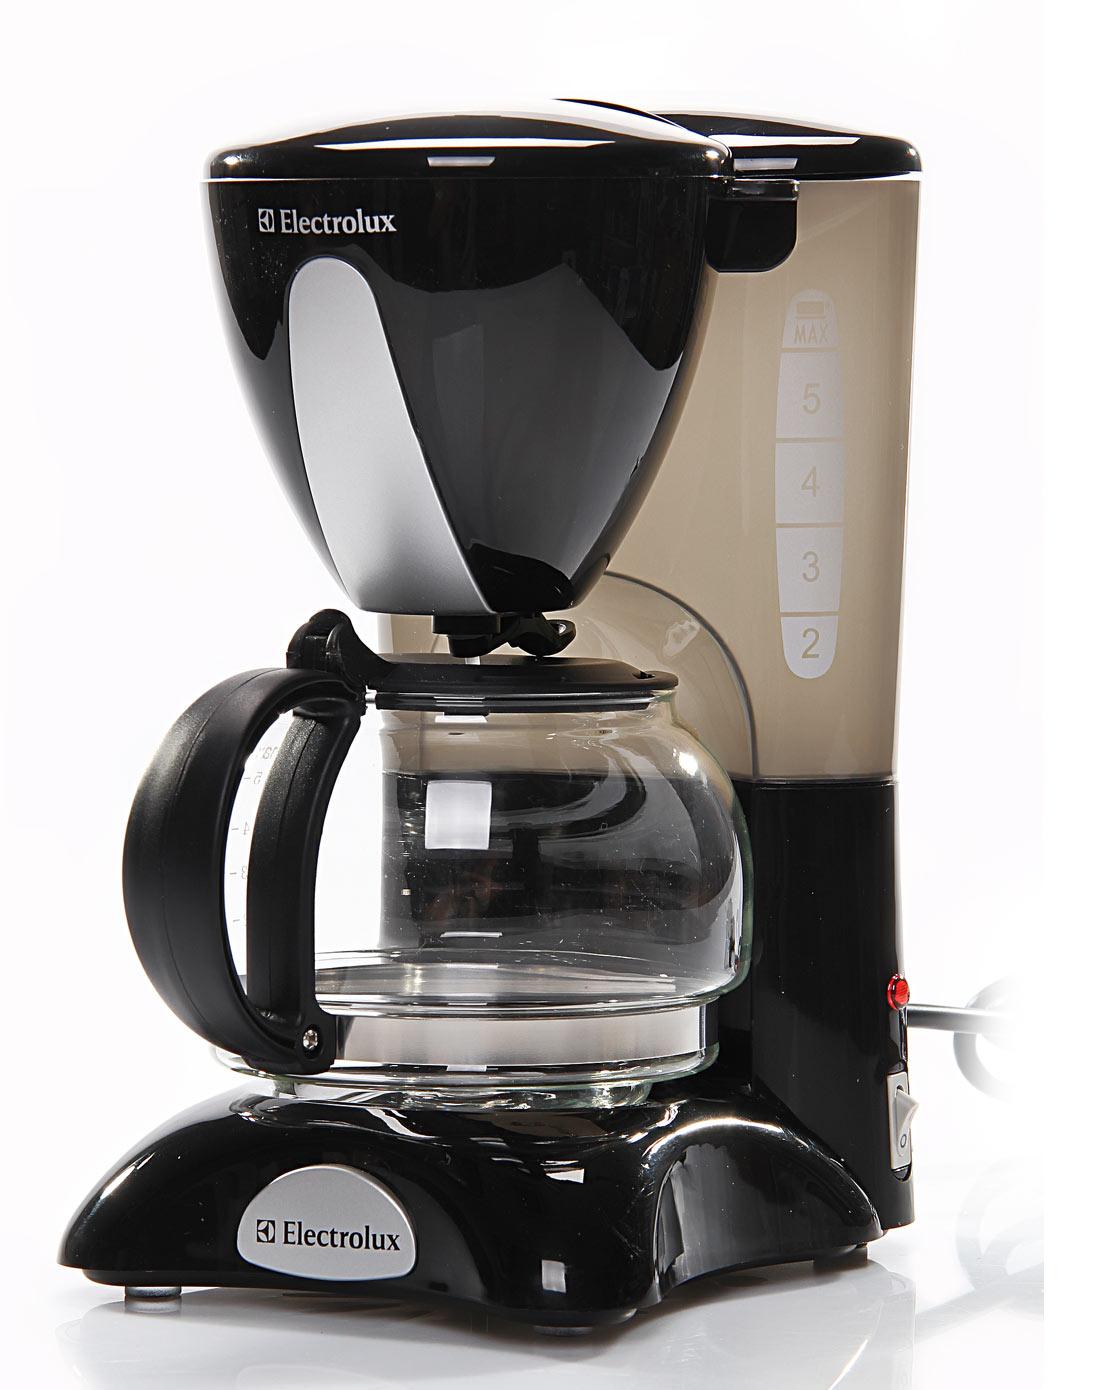 ecm051咖啡机家用全自动 美式滴漏